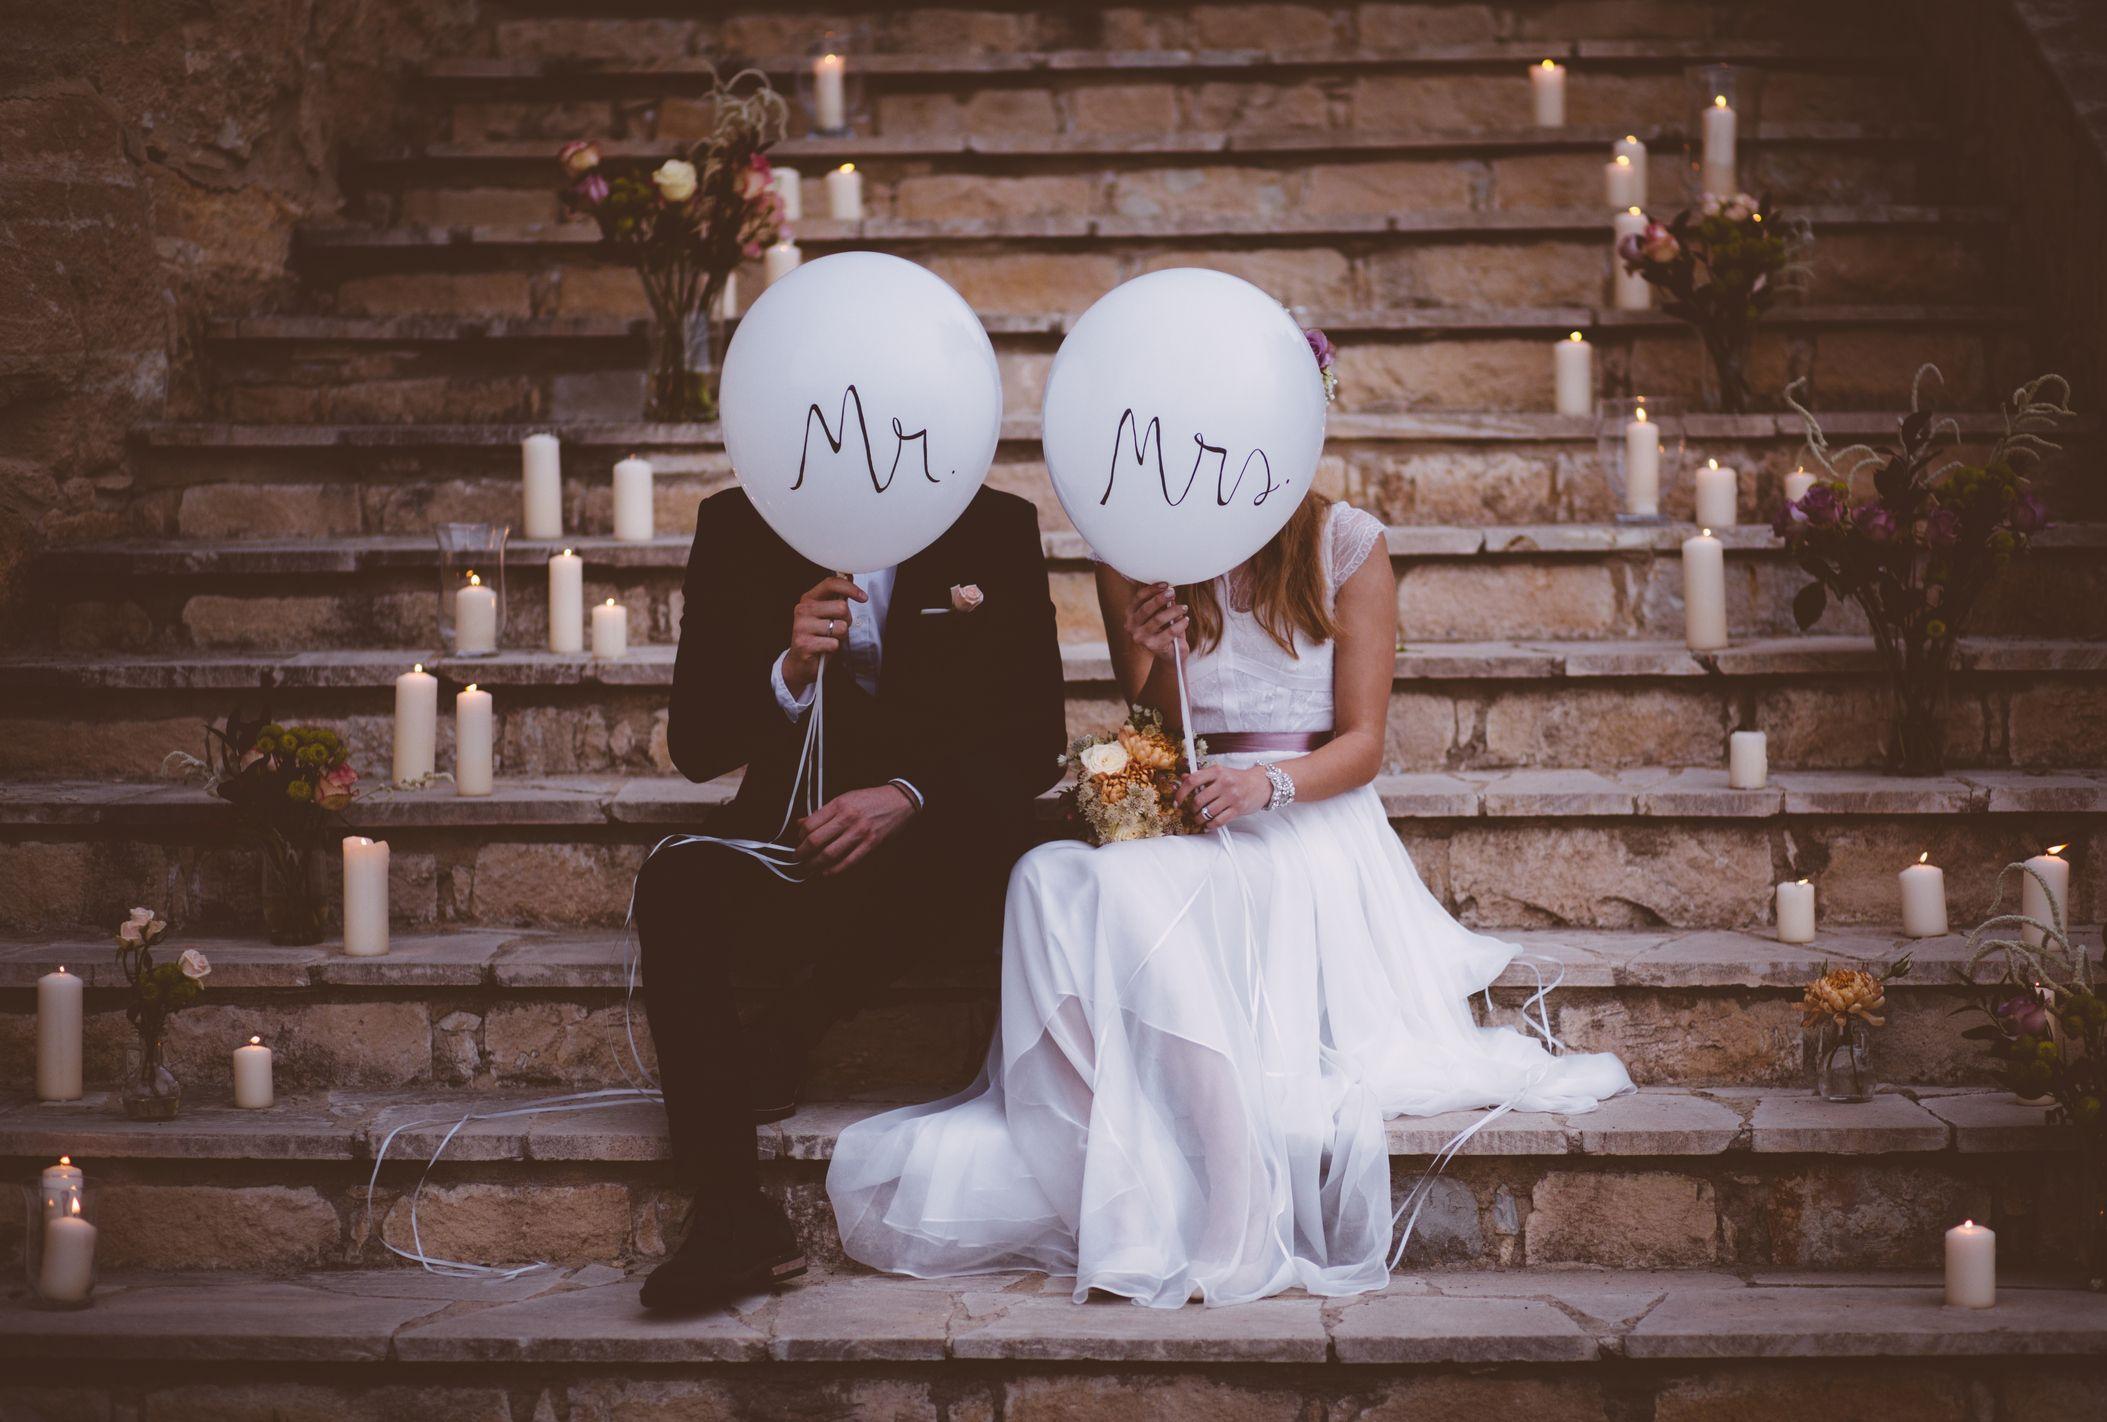 Matrimonio annullato causa Covid-19: quali rimedi esperire?